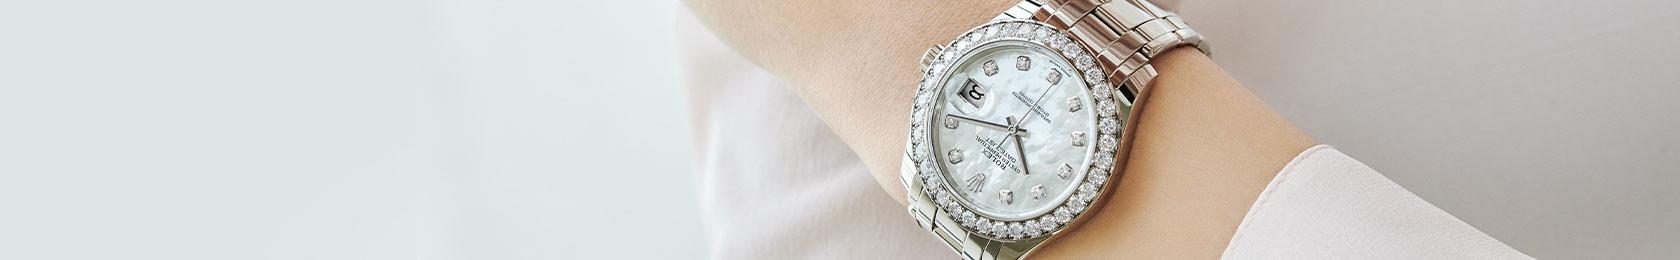 Rolex mit Perlmutt Zifferblatt Tragebild